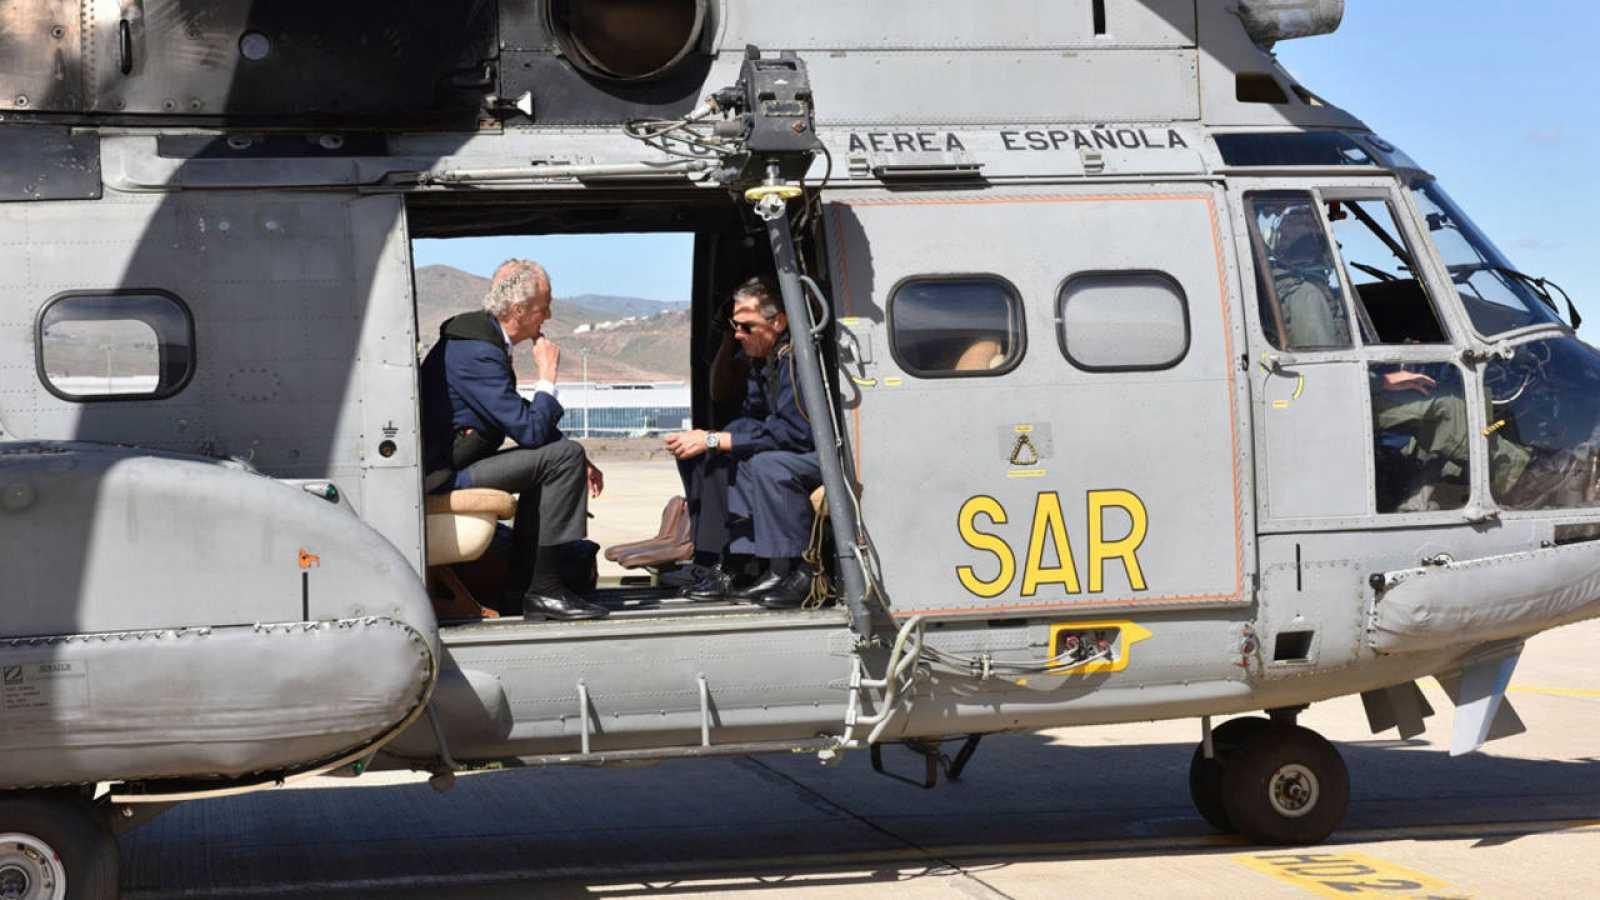 El ministro de Defensa, Pedro Morenés, en Las Palmas de Gran Canarias, dentro de un helicóptero Superpuma.